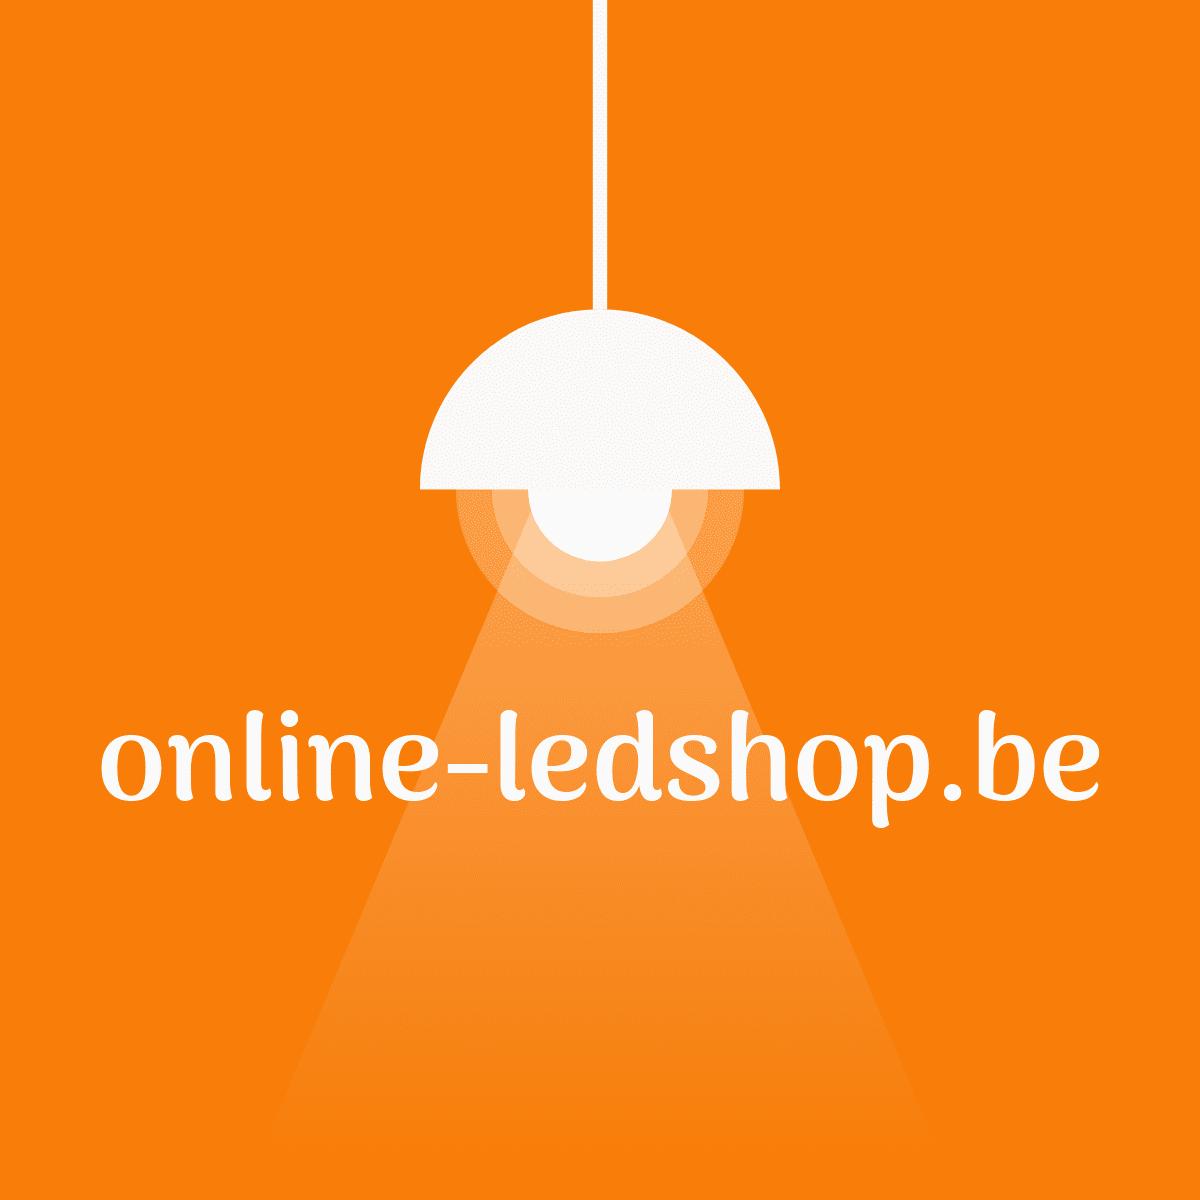 online-ledshop.be